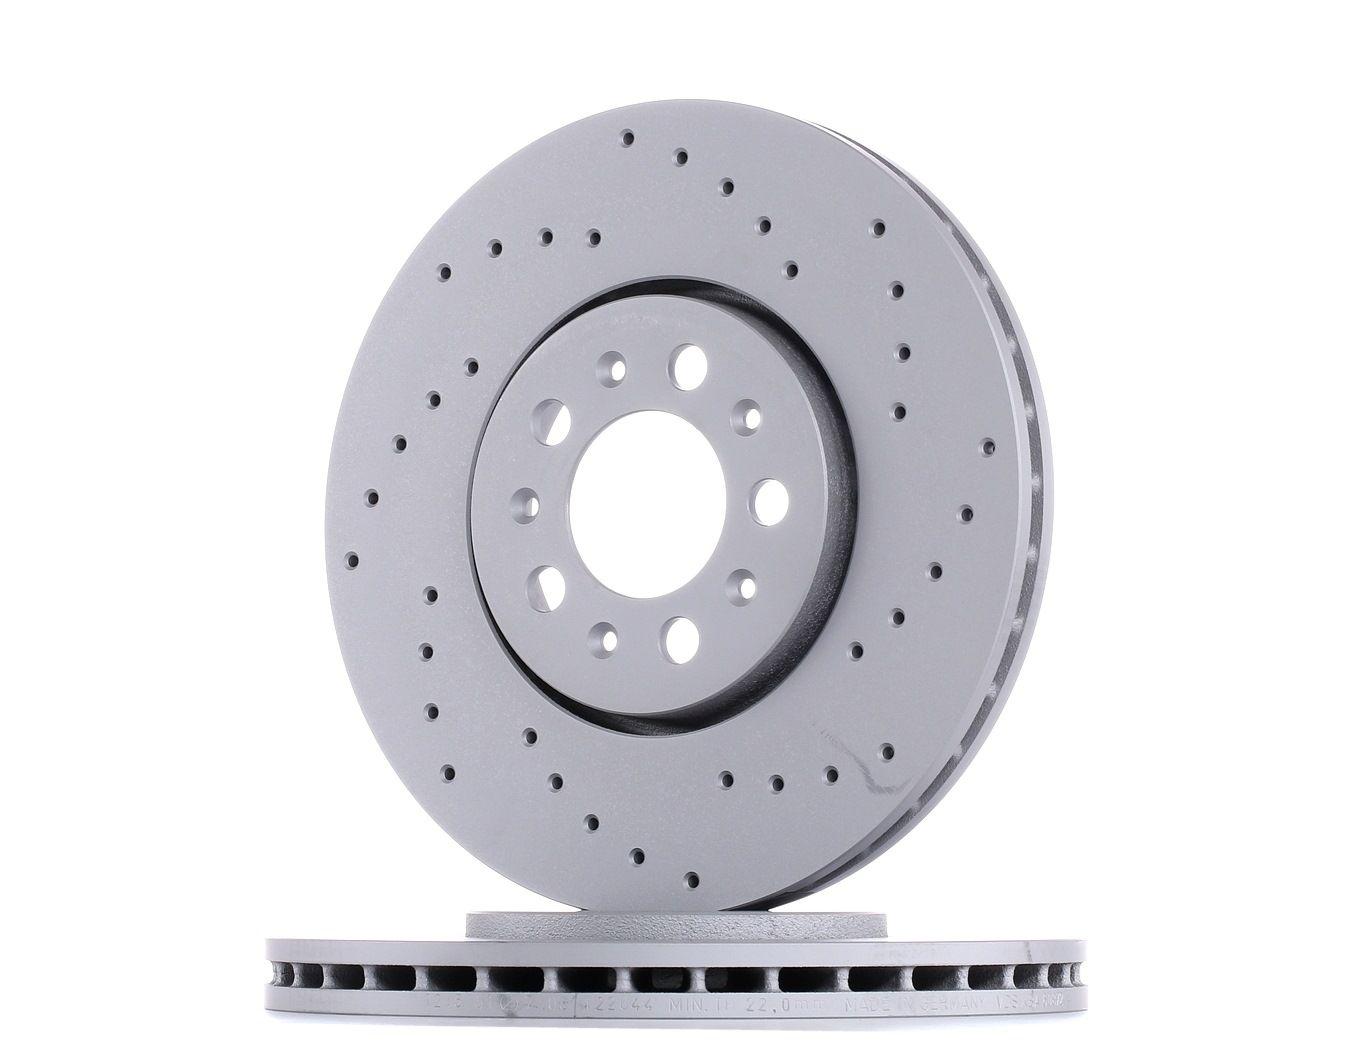 Achetez Disque ZIMMERMANN 100.1235.52 (Ø: 288mm, Jante: 5Trou, Épaisseur du disque de frein: 25mm) à un rapport qualité-prix exceptionnel